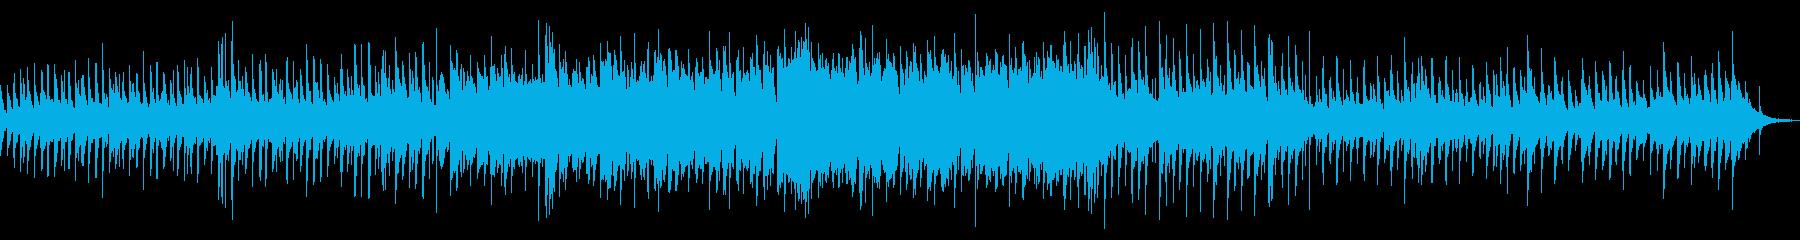 穏やかに流れる時間を表現した和風楽曲の再生済みの波形